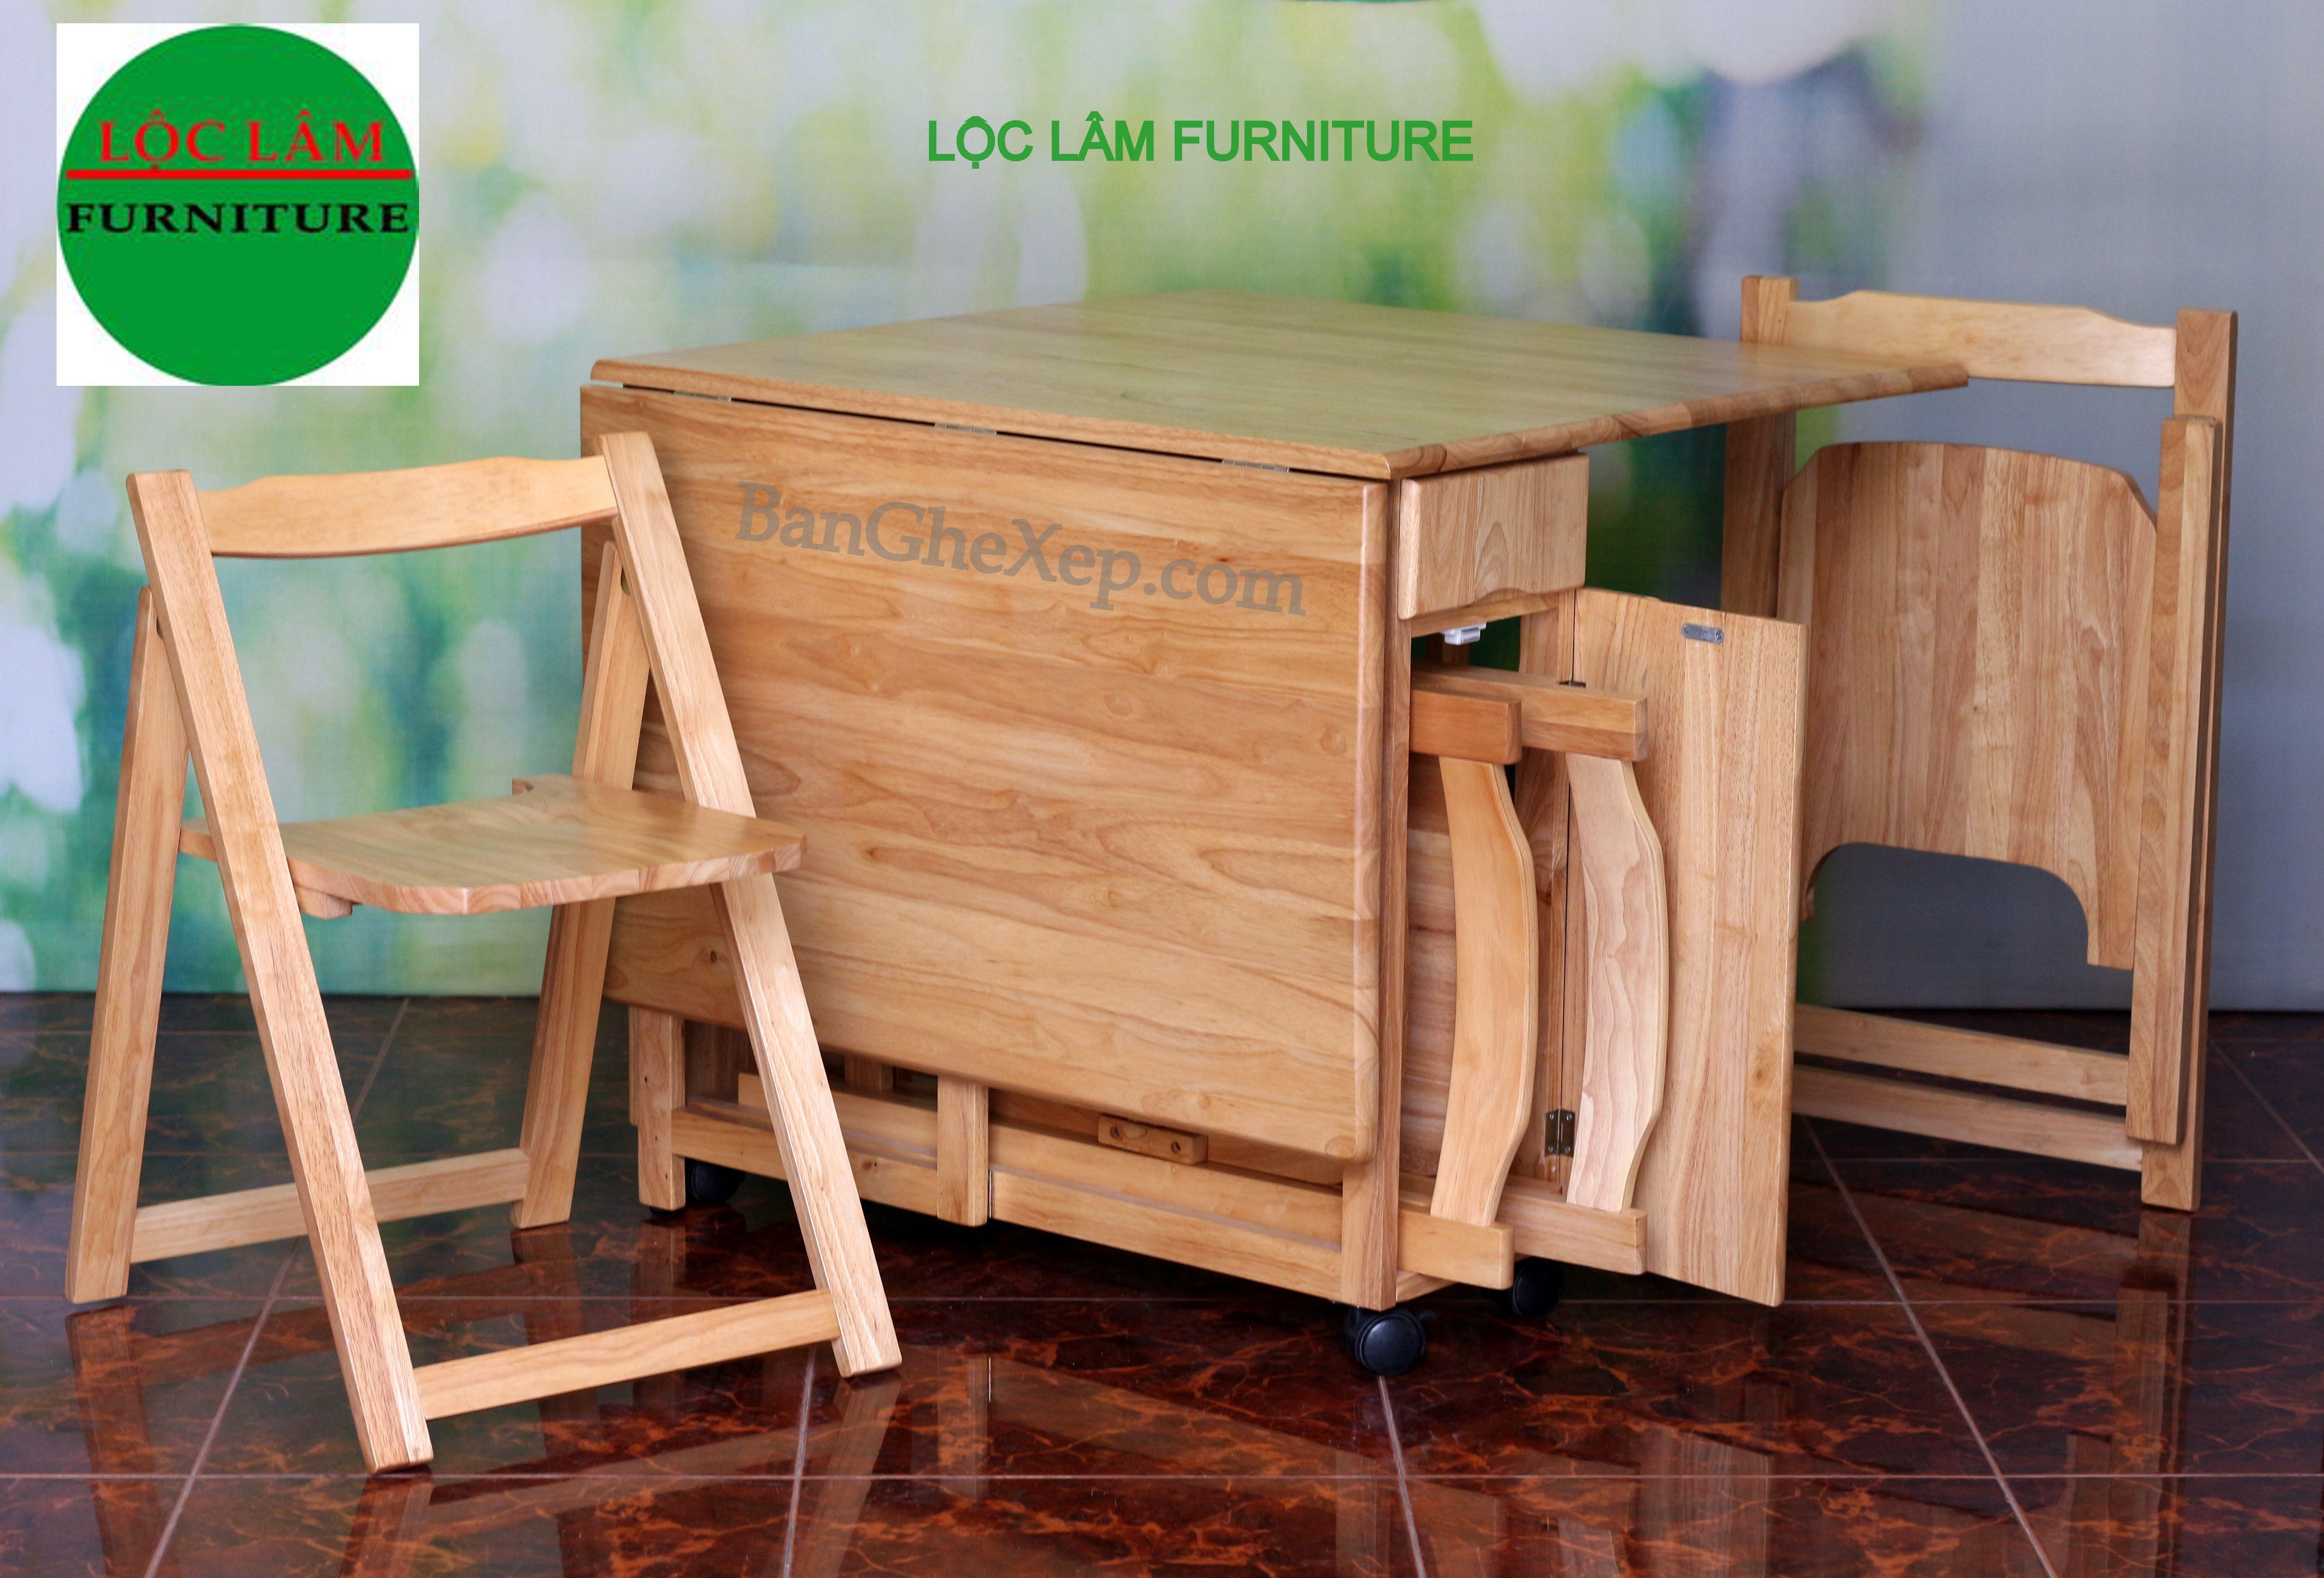 Bộ Bàn Ăn Gấp Xếp Tự Nhiên Chữ Nhật Lộc Lâm Furniture